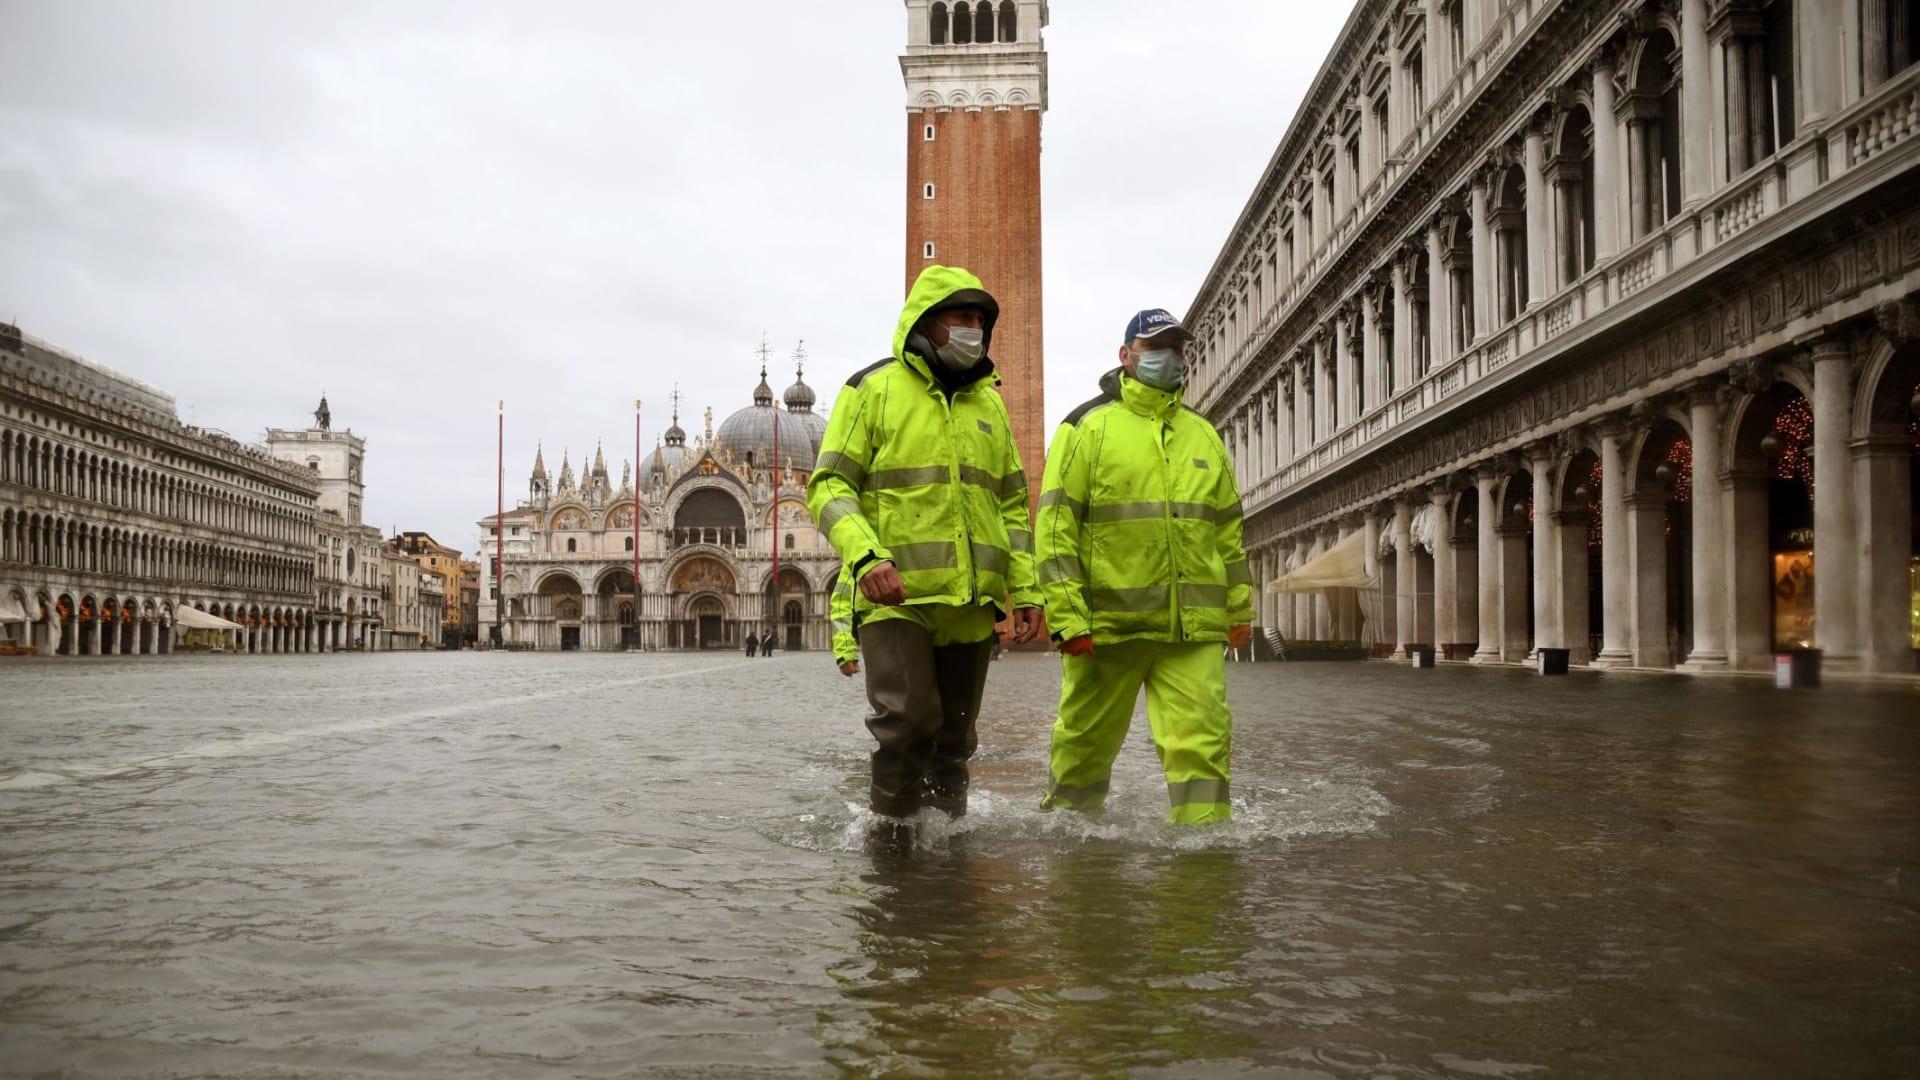 """فيضان البندقية يتسبب بأضرار """"جسيمة"""" بعد شهرين من استخدام حواجز الفيضانات المنتظرة"""